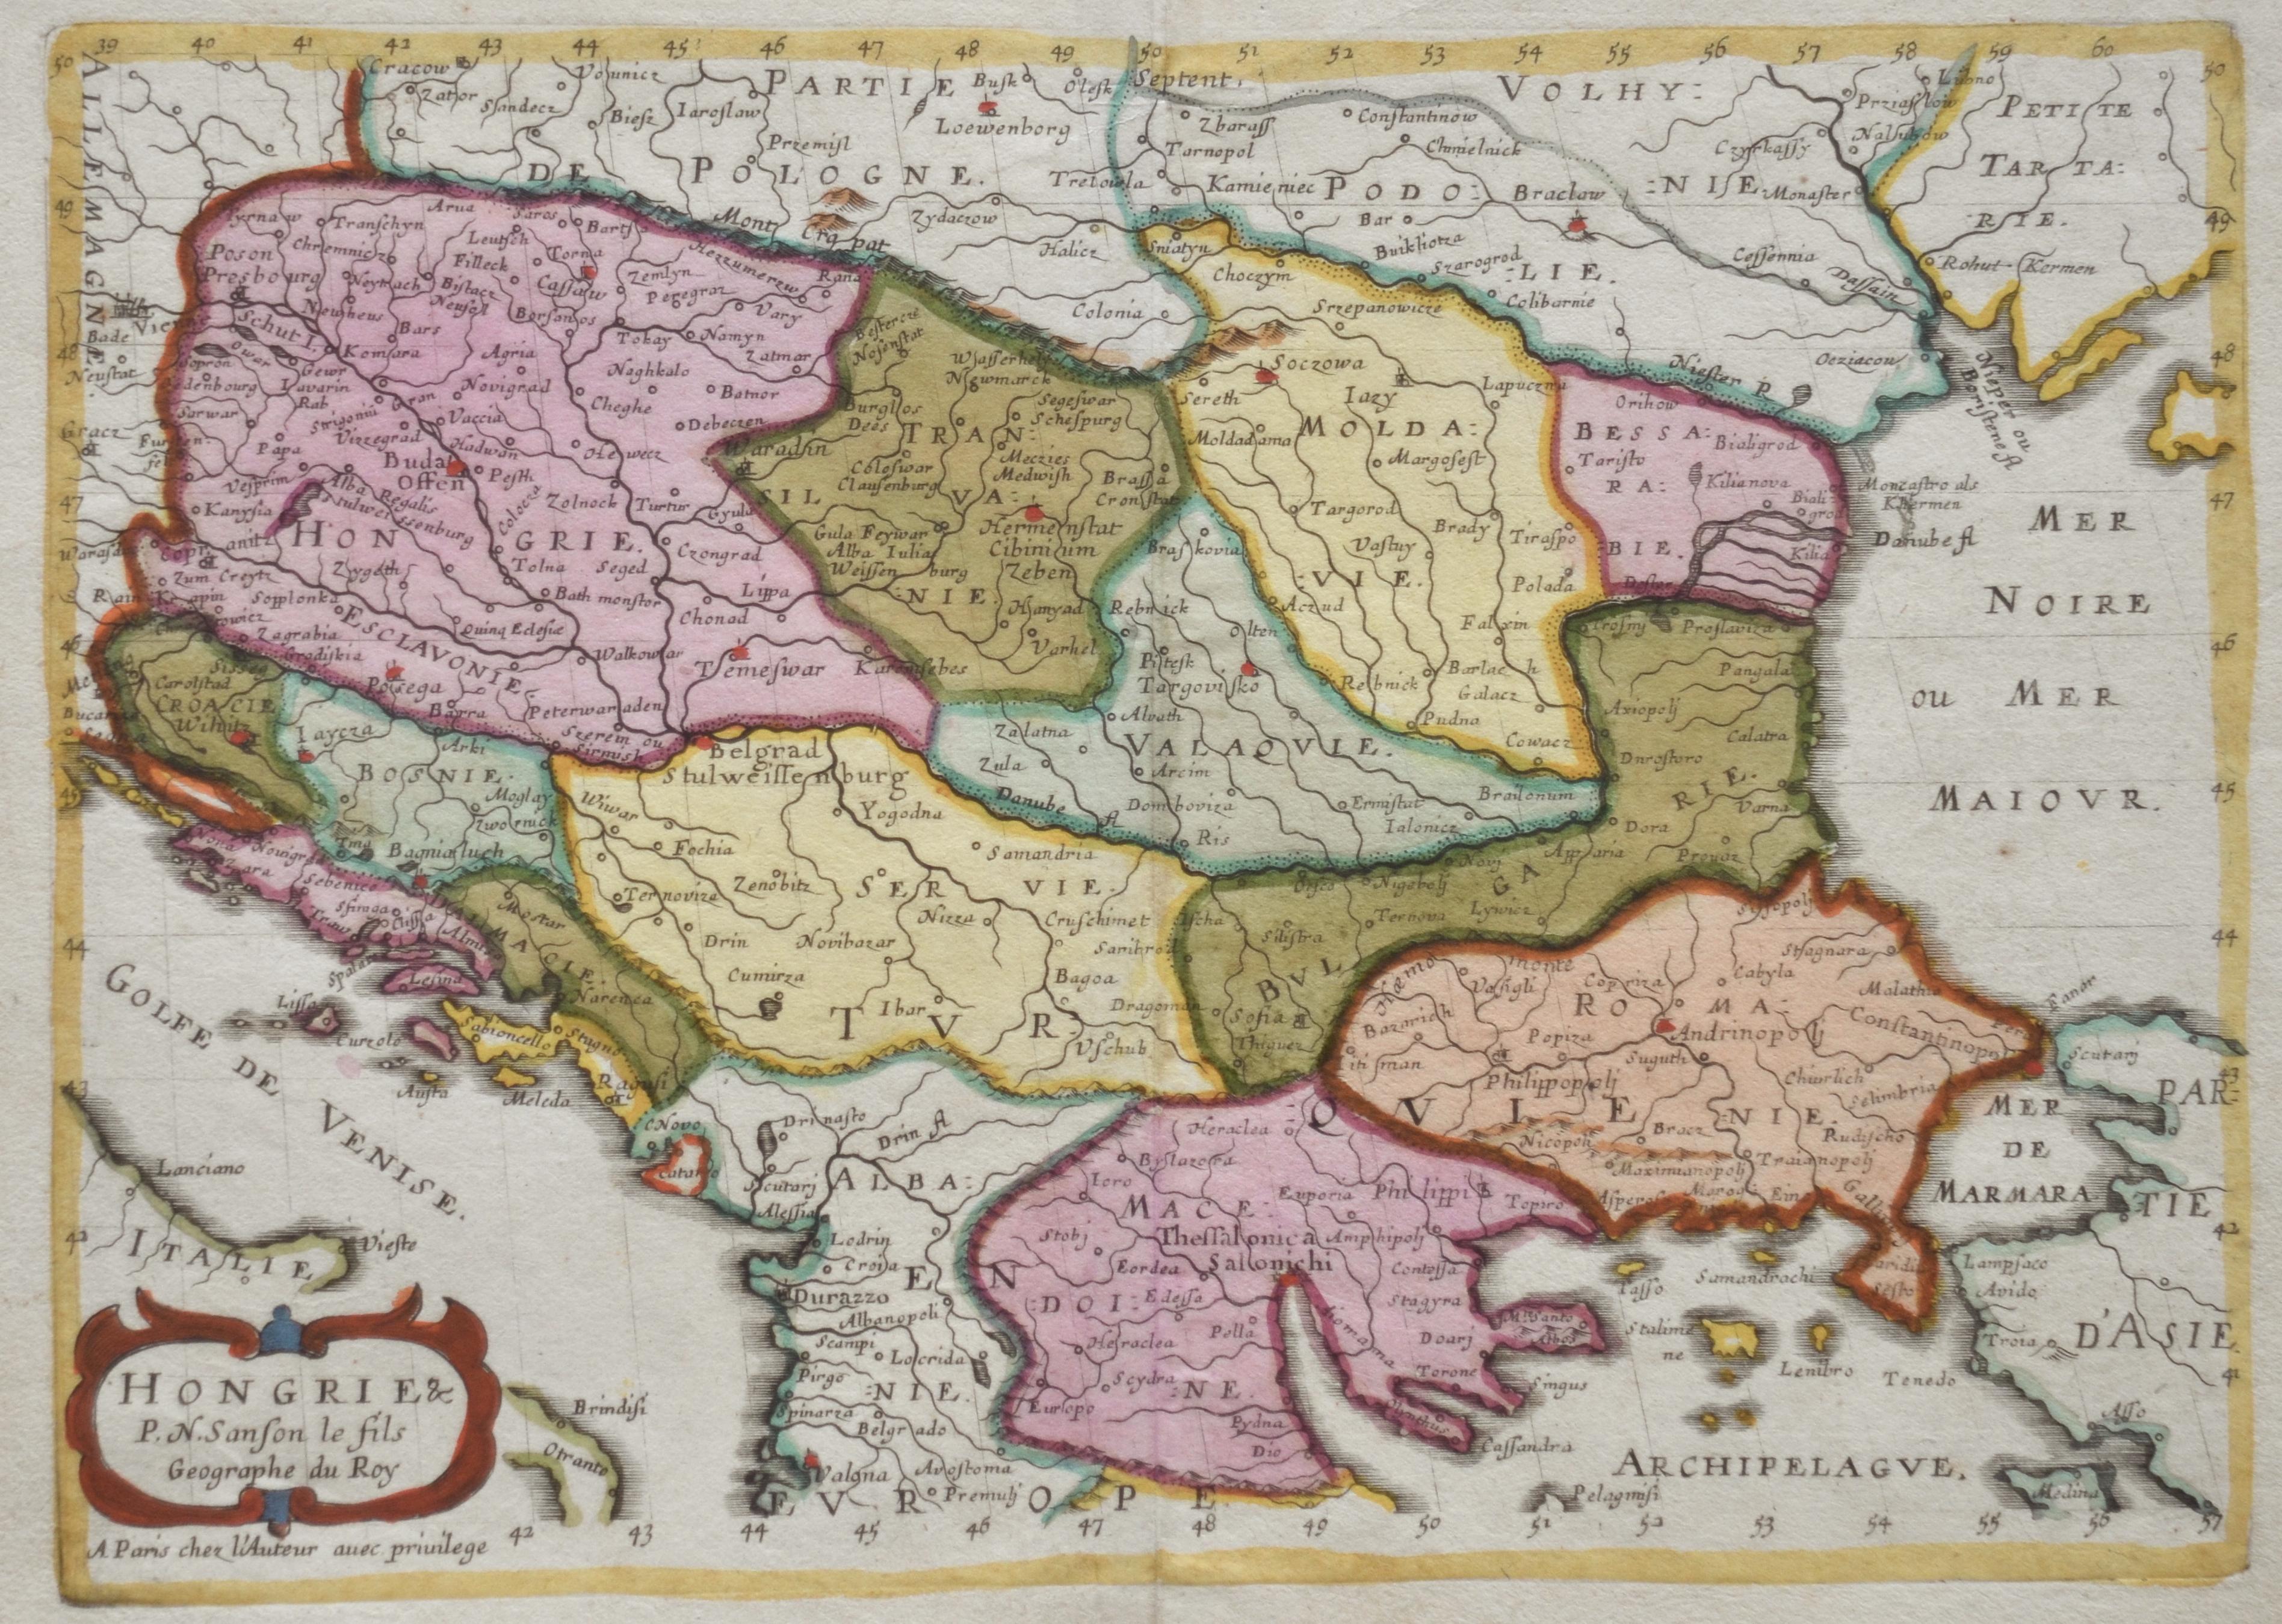 Sanson Nicolas Hongrie & P.N. Sanson le fils Geographe du Roy